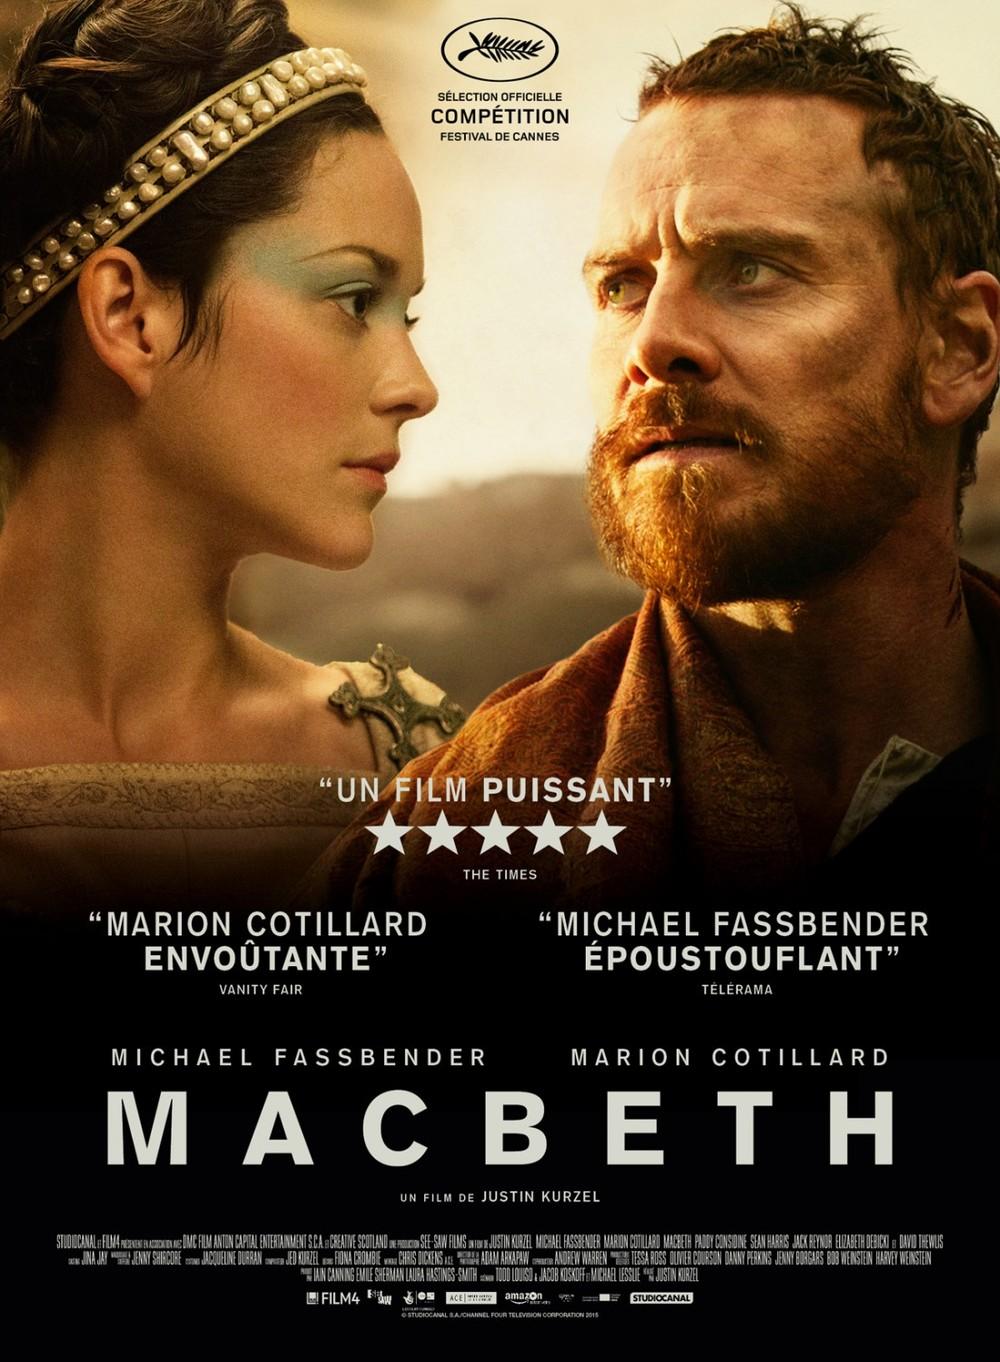 Macbeth release date